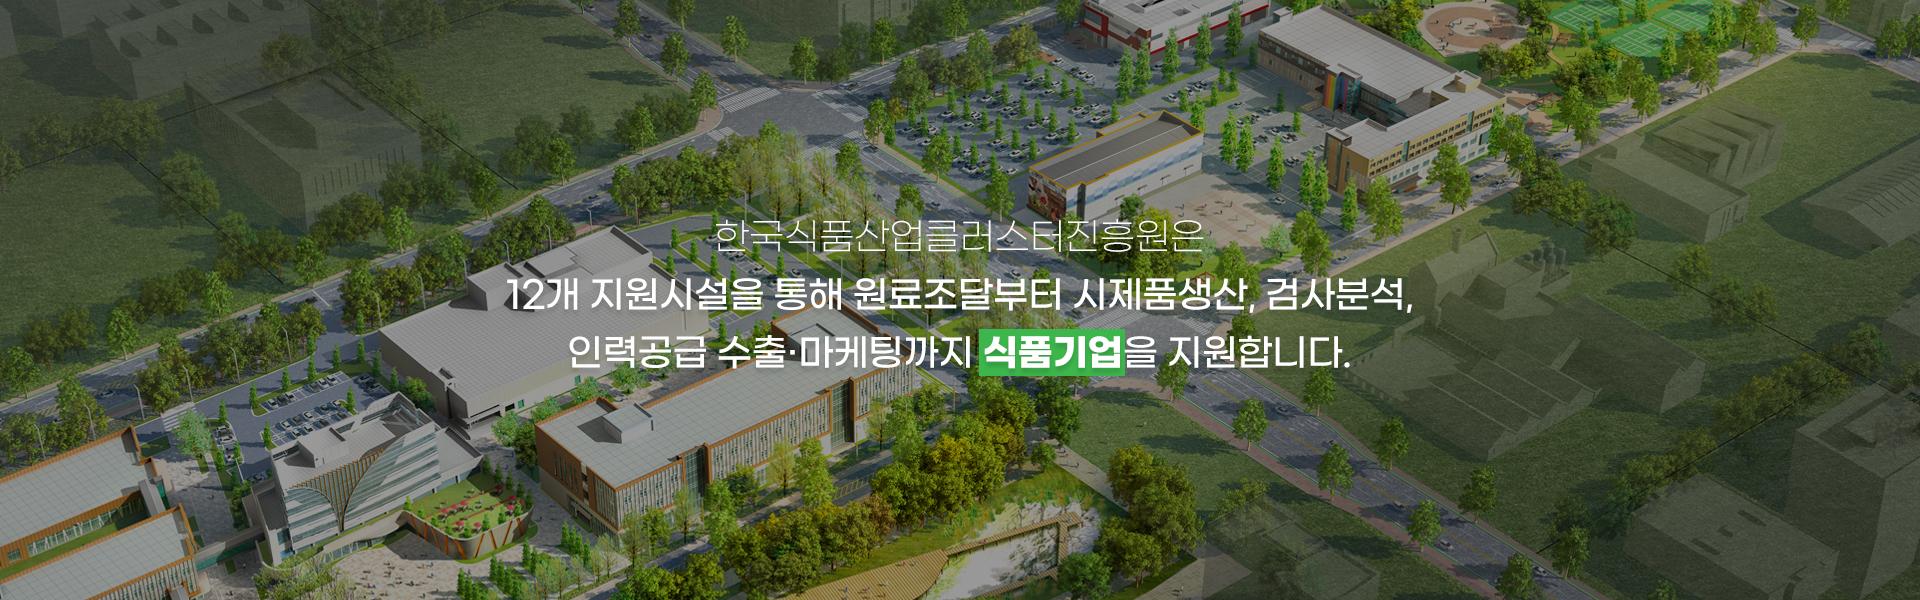 한국식품산업클러스터진흥원은 12개 지원시설을 통해 원료조달부터 시제품생산, 검사분석, 인력공급 수출ㆍ마케팅까지 식품기업을 지원합니다.